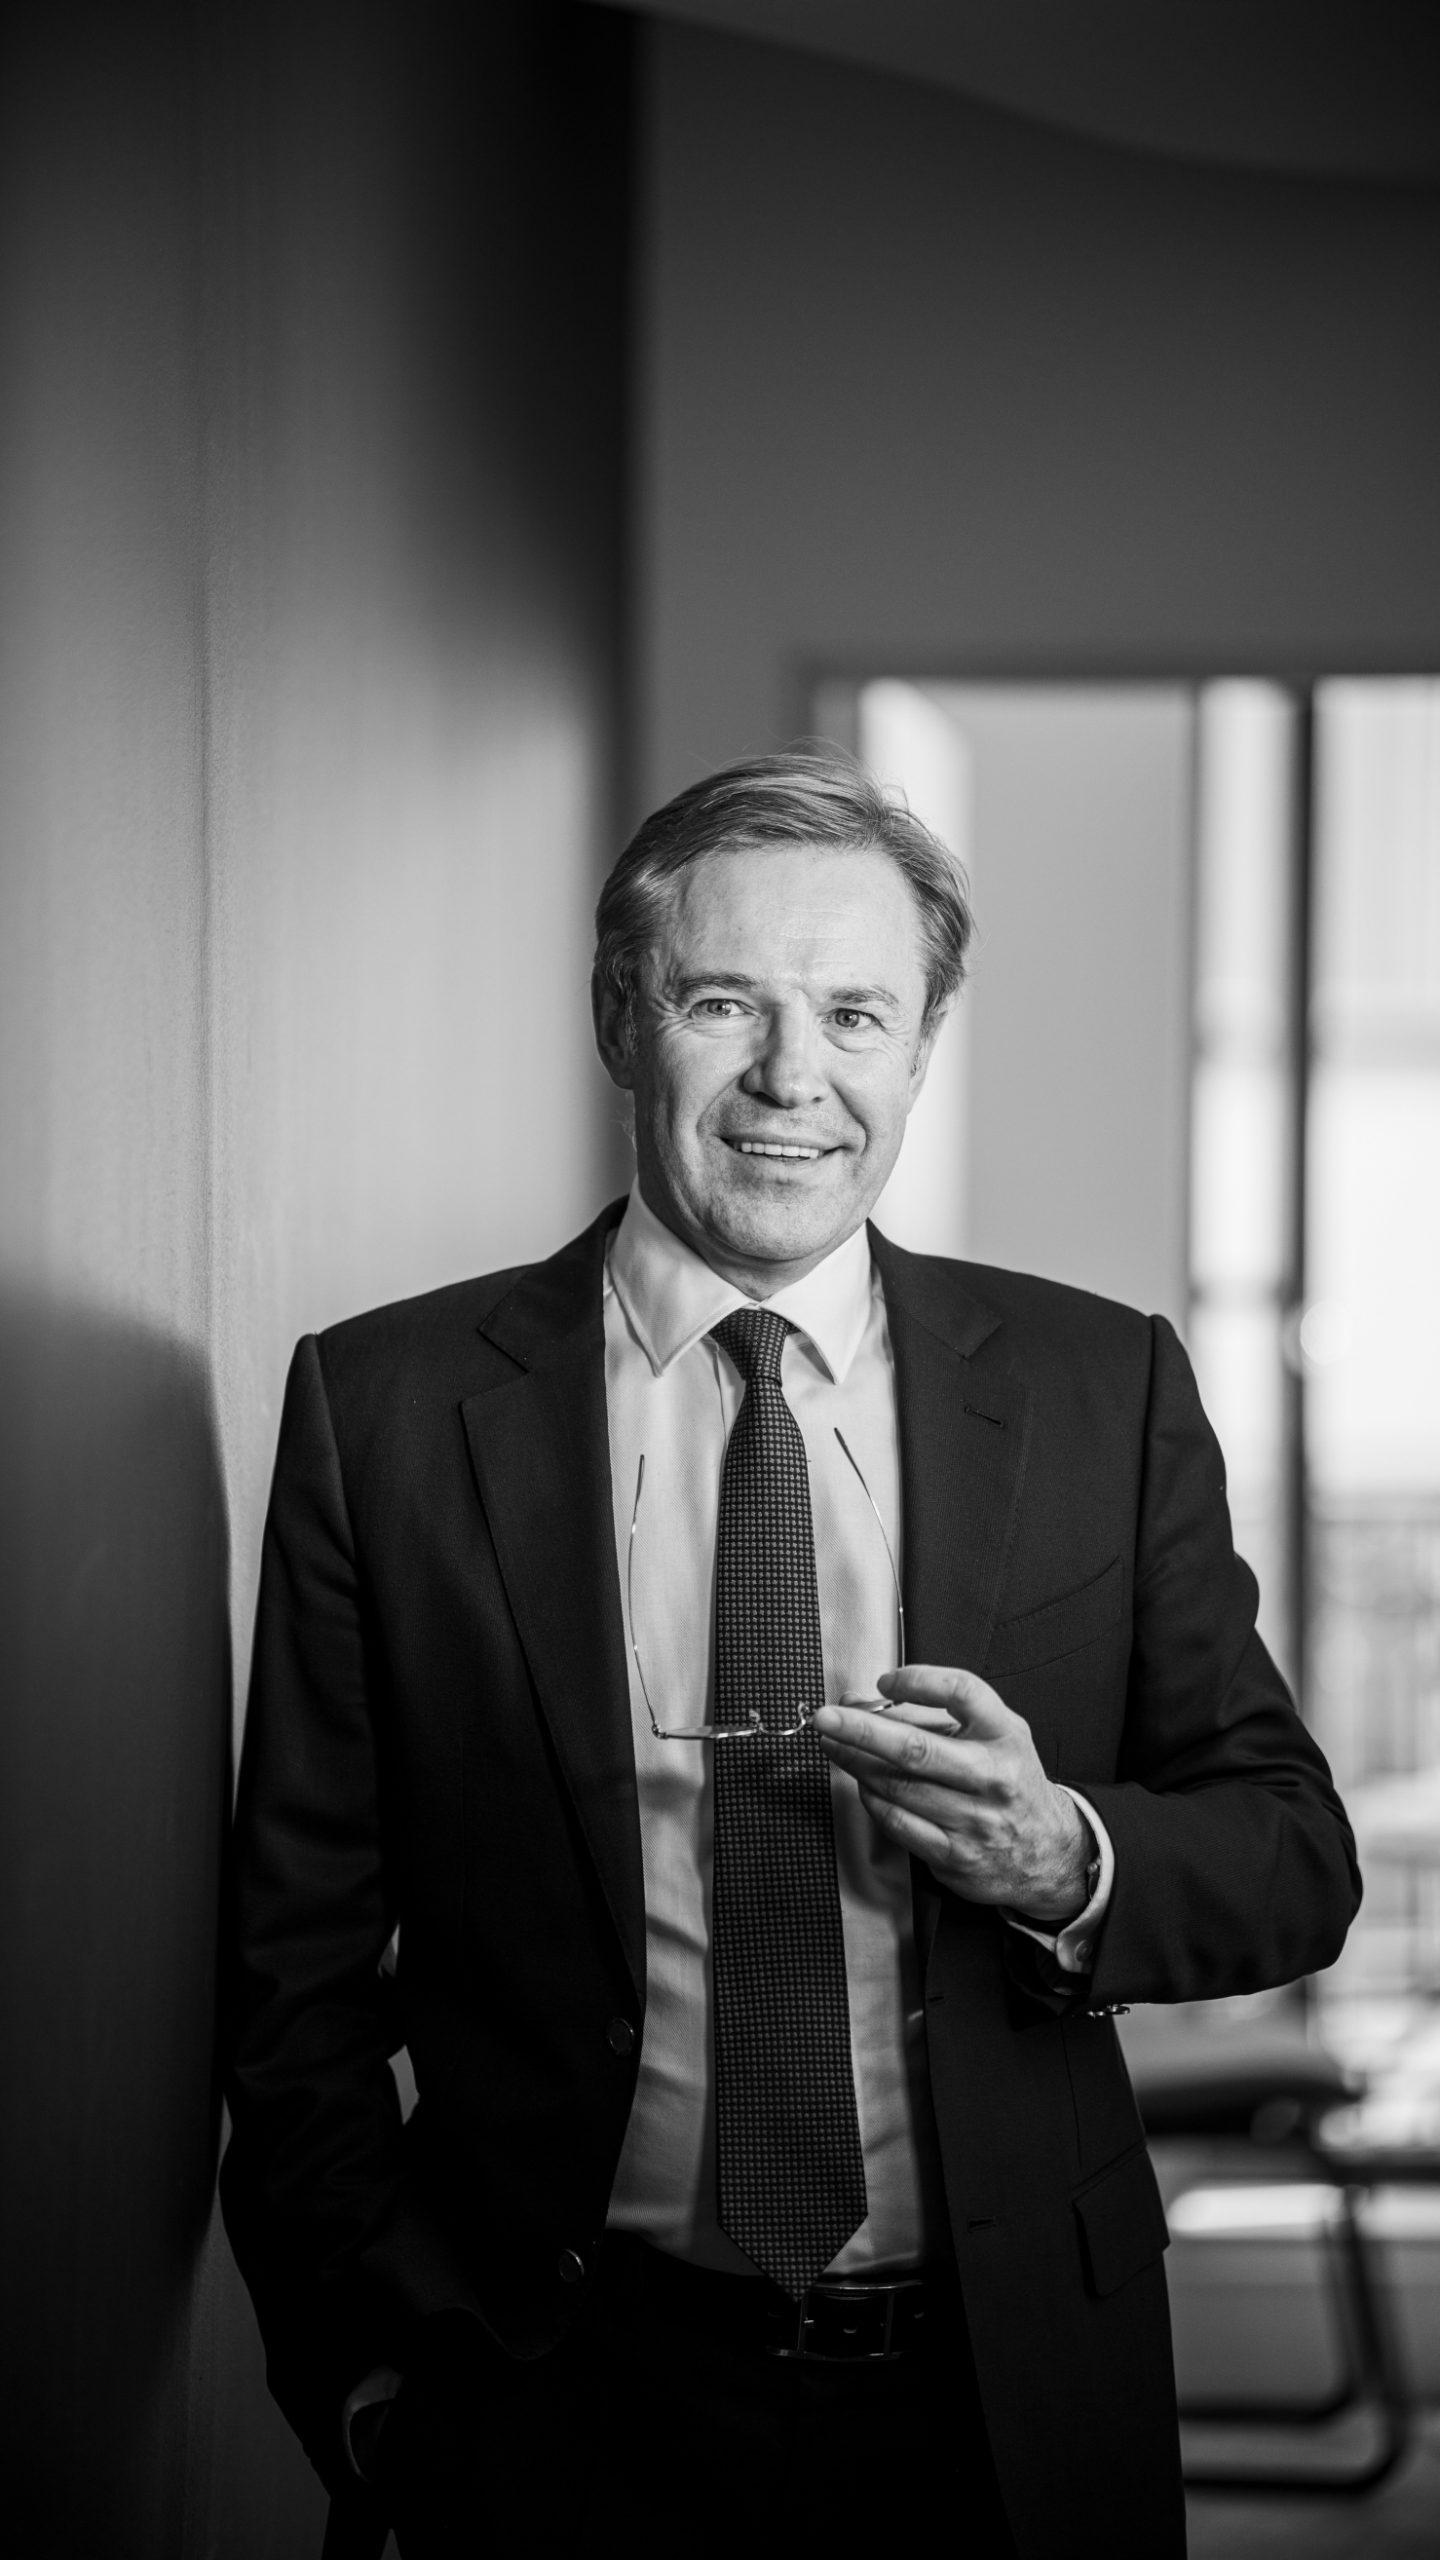 Zum 29. März 2021 wird Hervé Gastinel neuer CEO von Ponant und übernimmt damit die Verantwortung für die Flotte von bald 13 Schiffen.